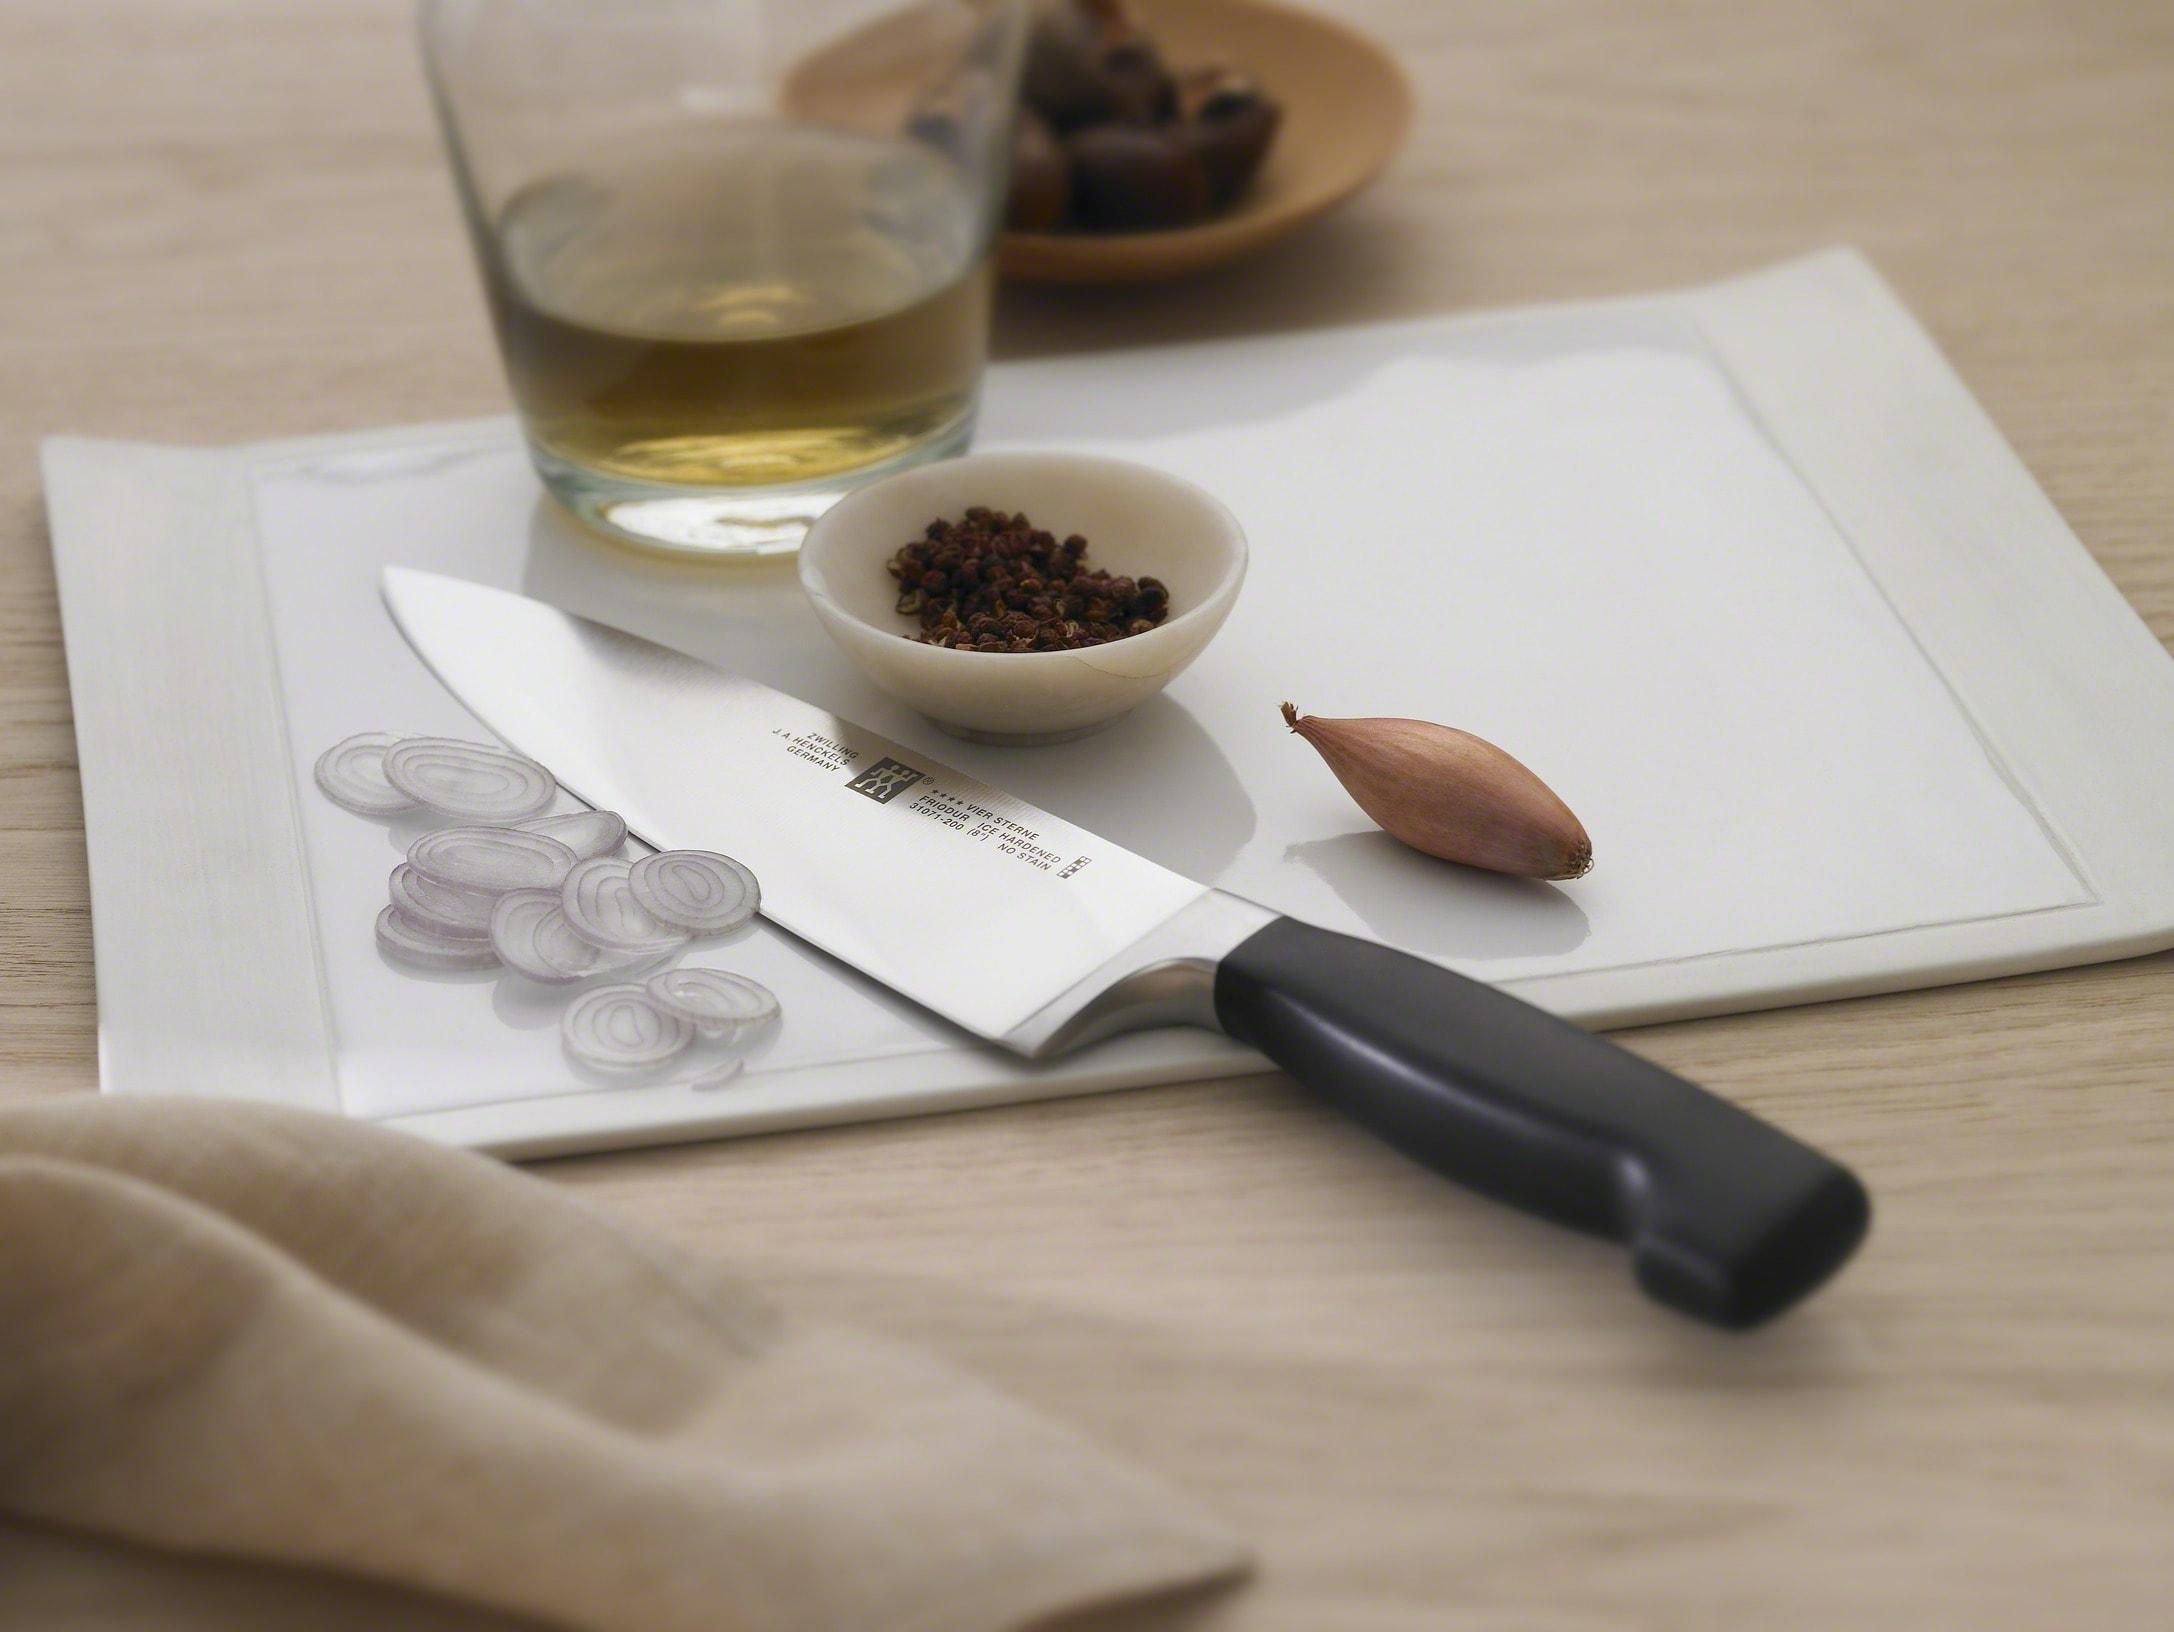 Nóż szefa kuchni Zwilling Four Star